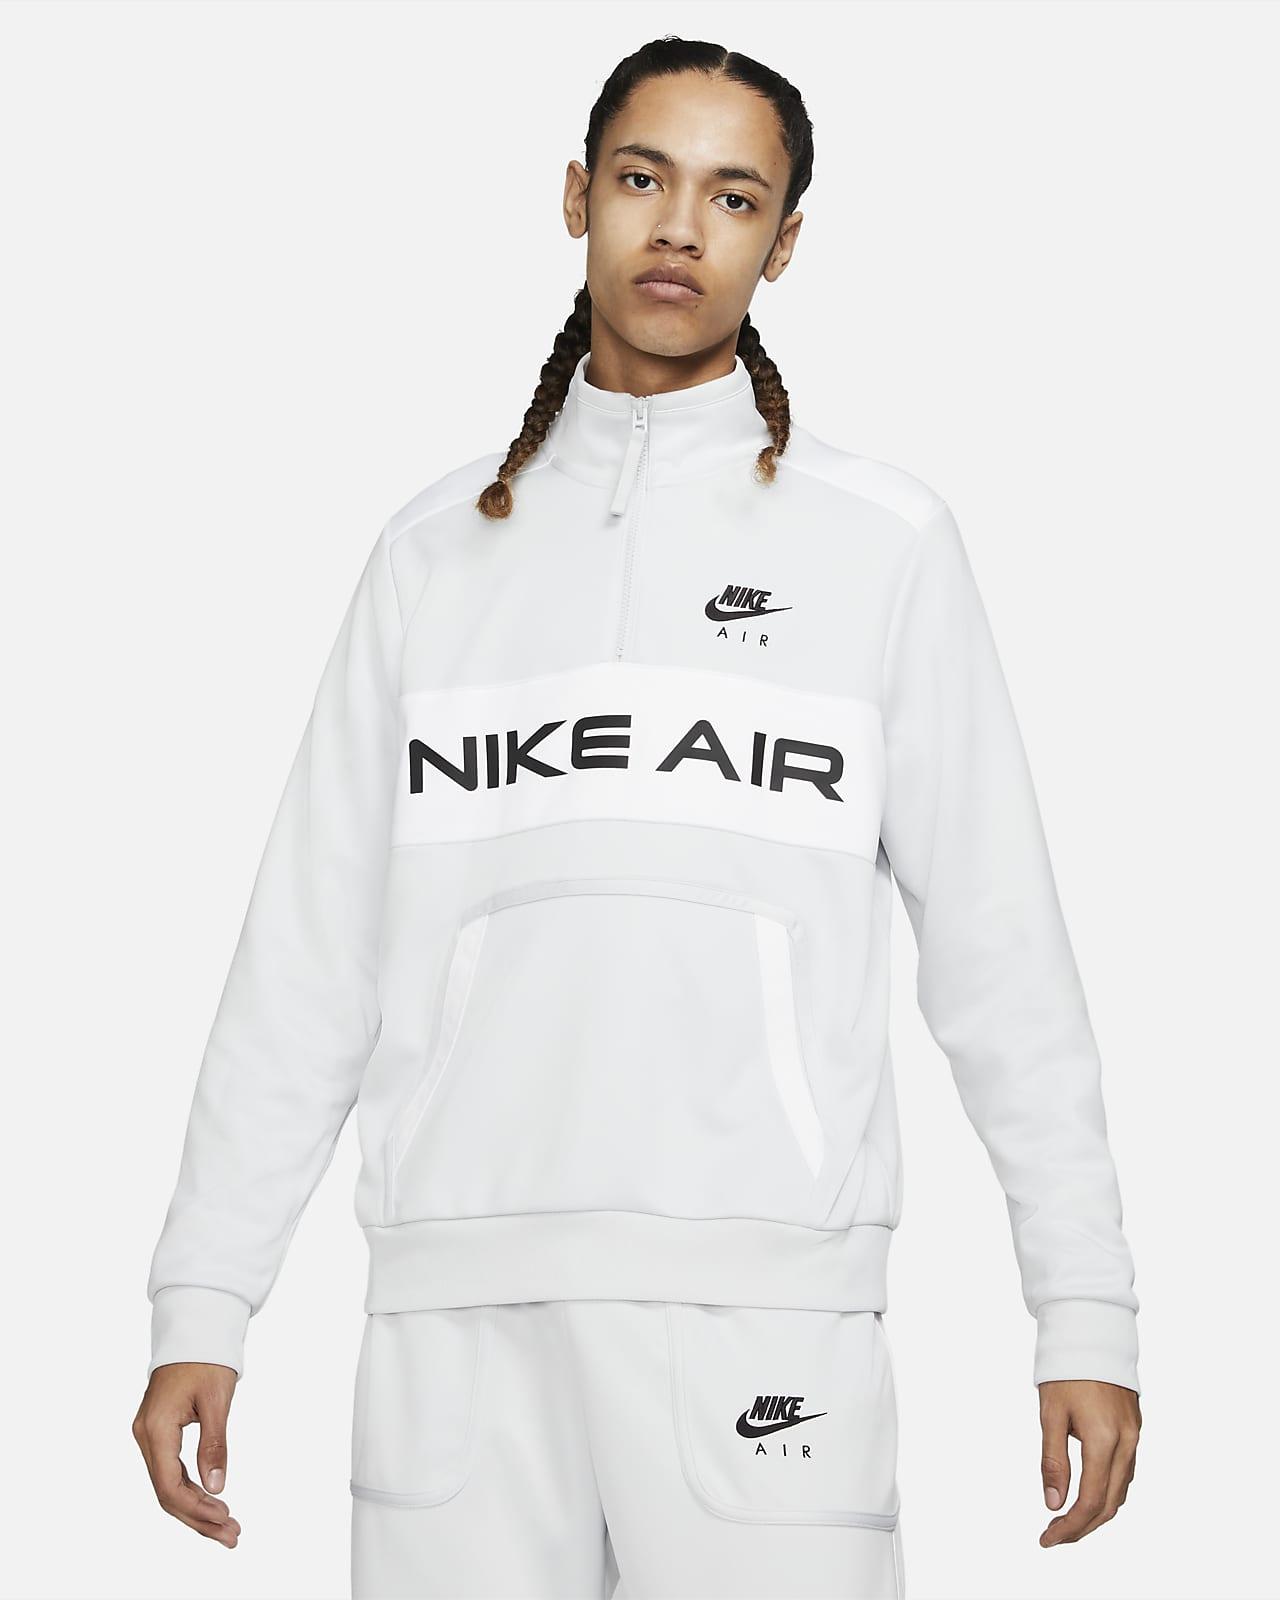 Nike Air Erkek Ceketi